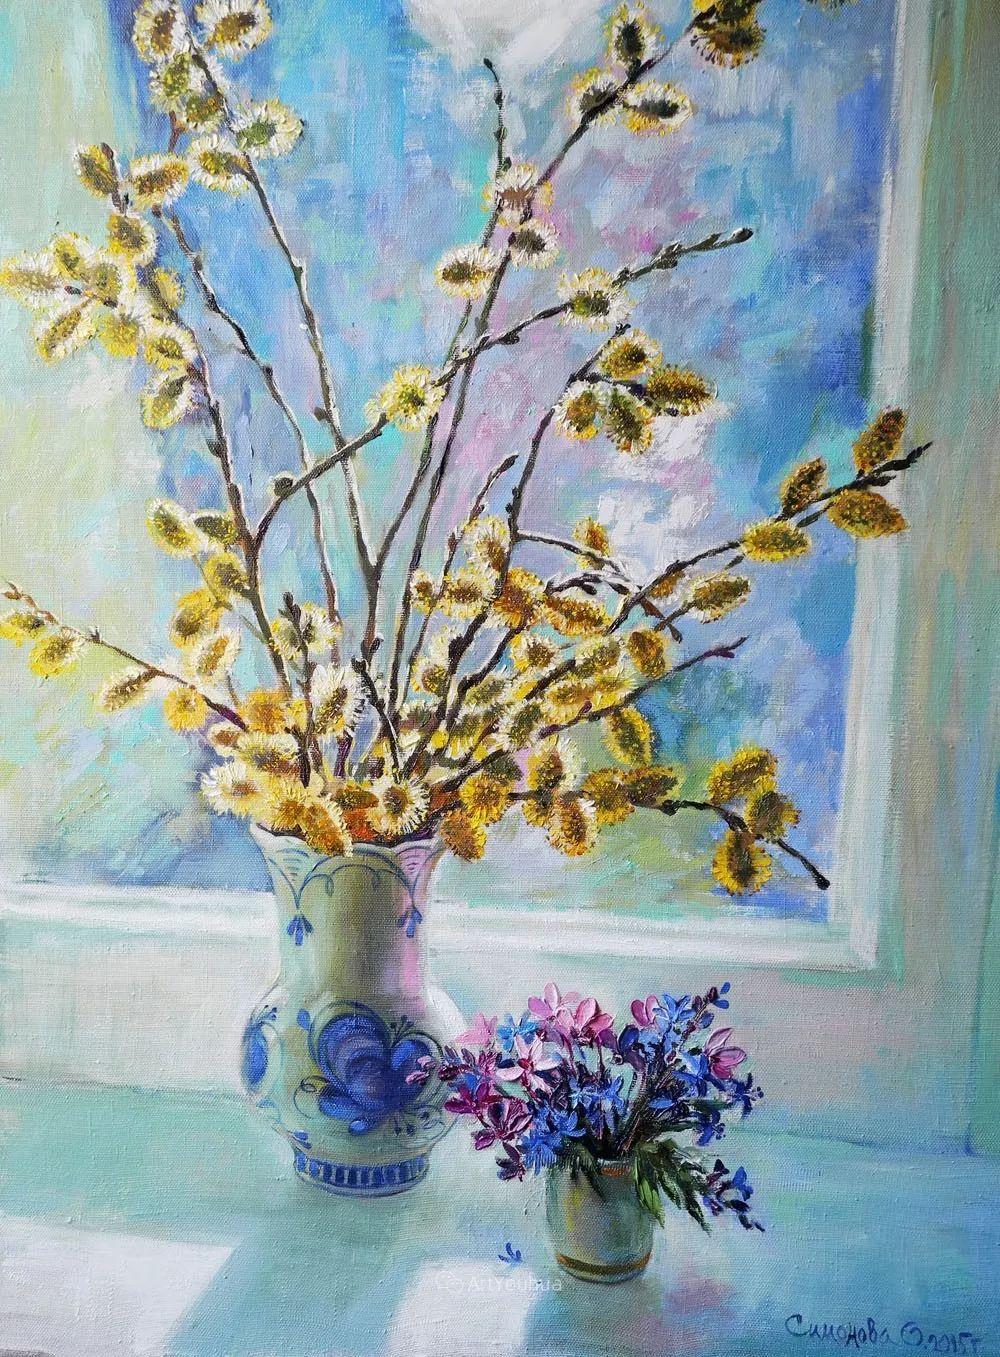 静物花卉与风景,俄罗斯艺术家Simonova Olga Georgievna插图2